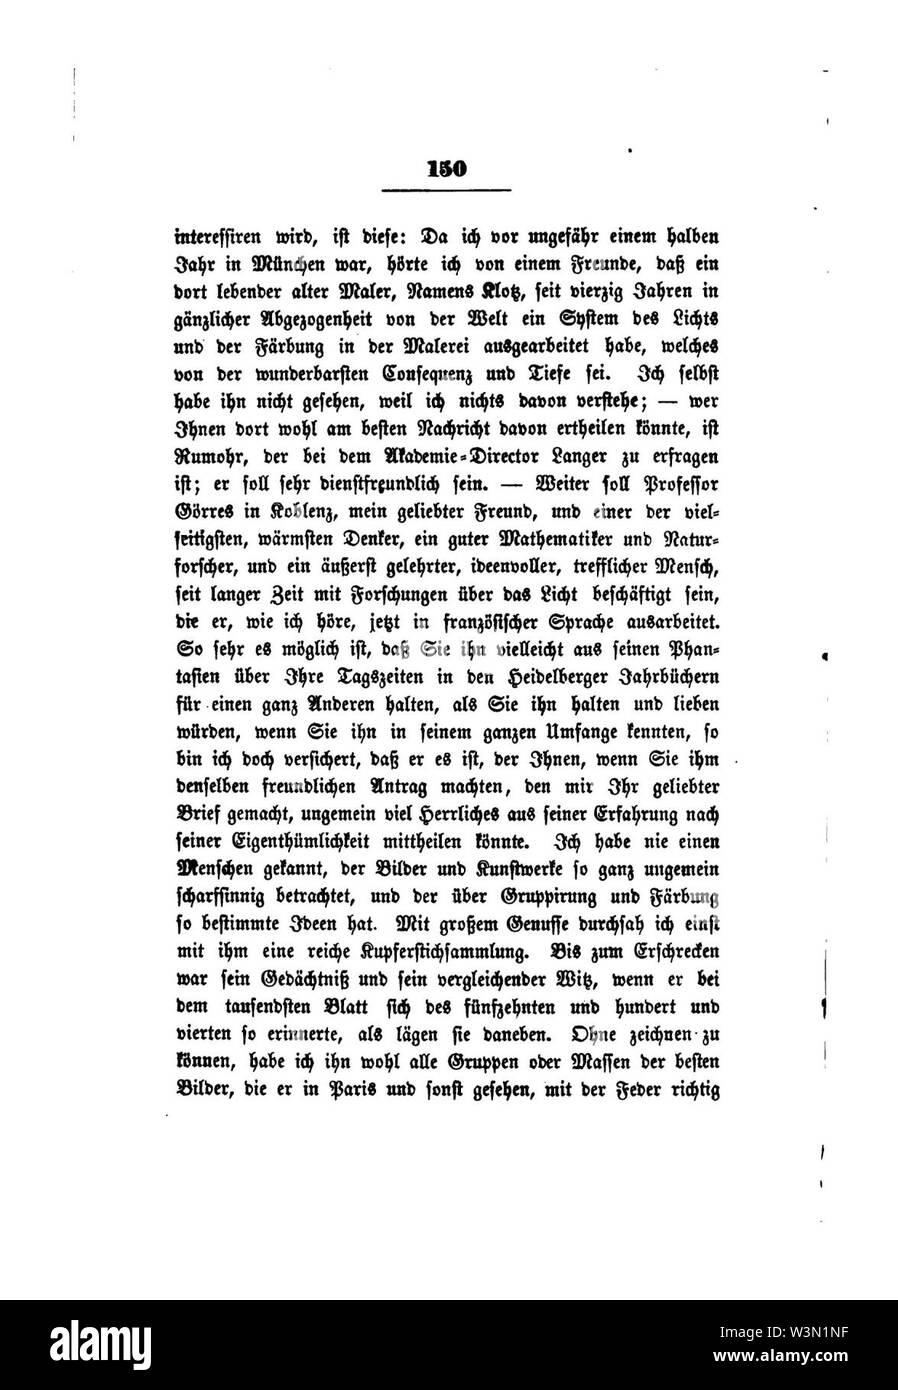 Clemens Brentano's gesammelte Schriften VIII 150. - Stock Image